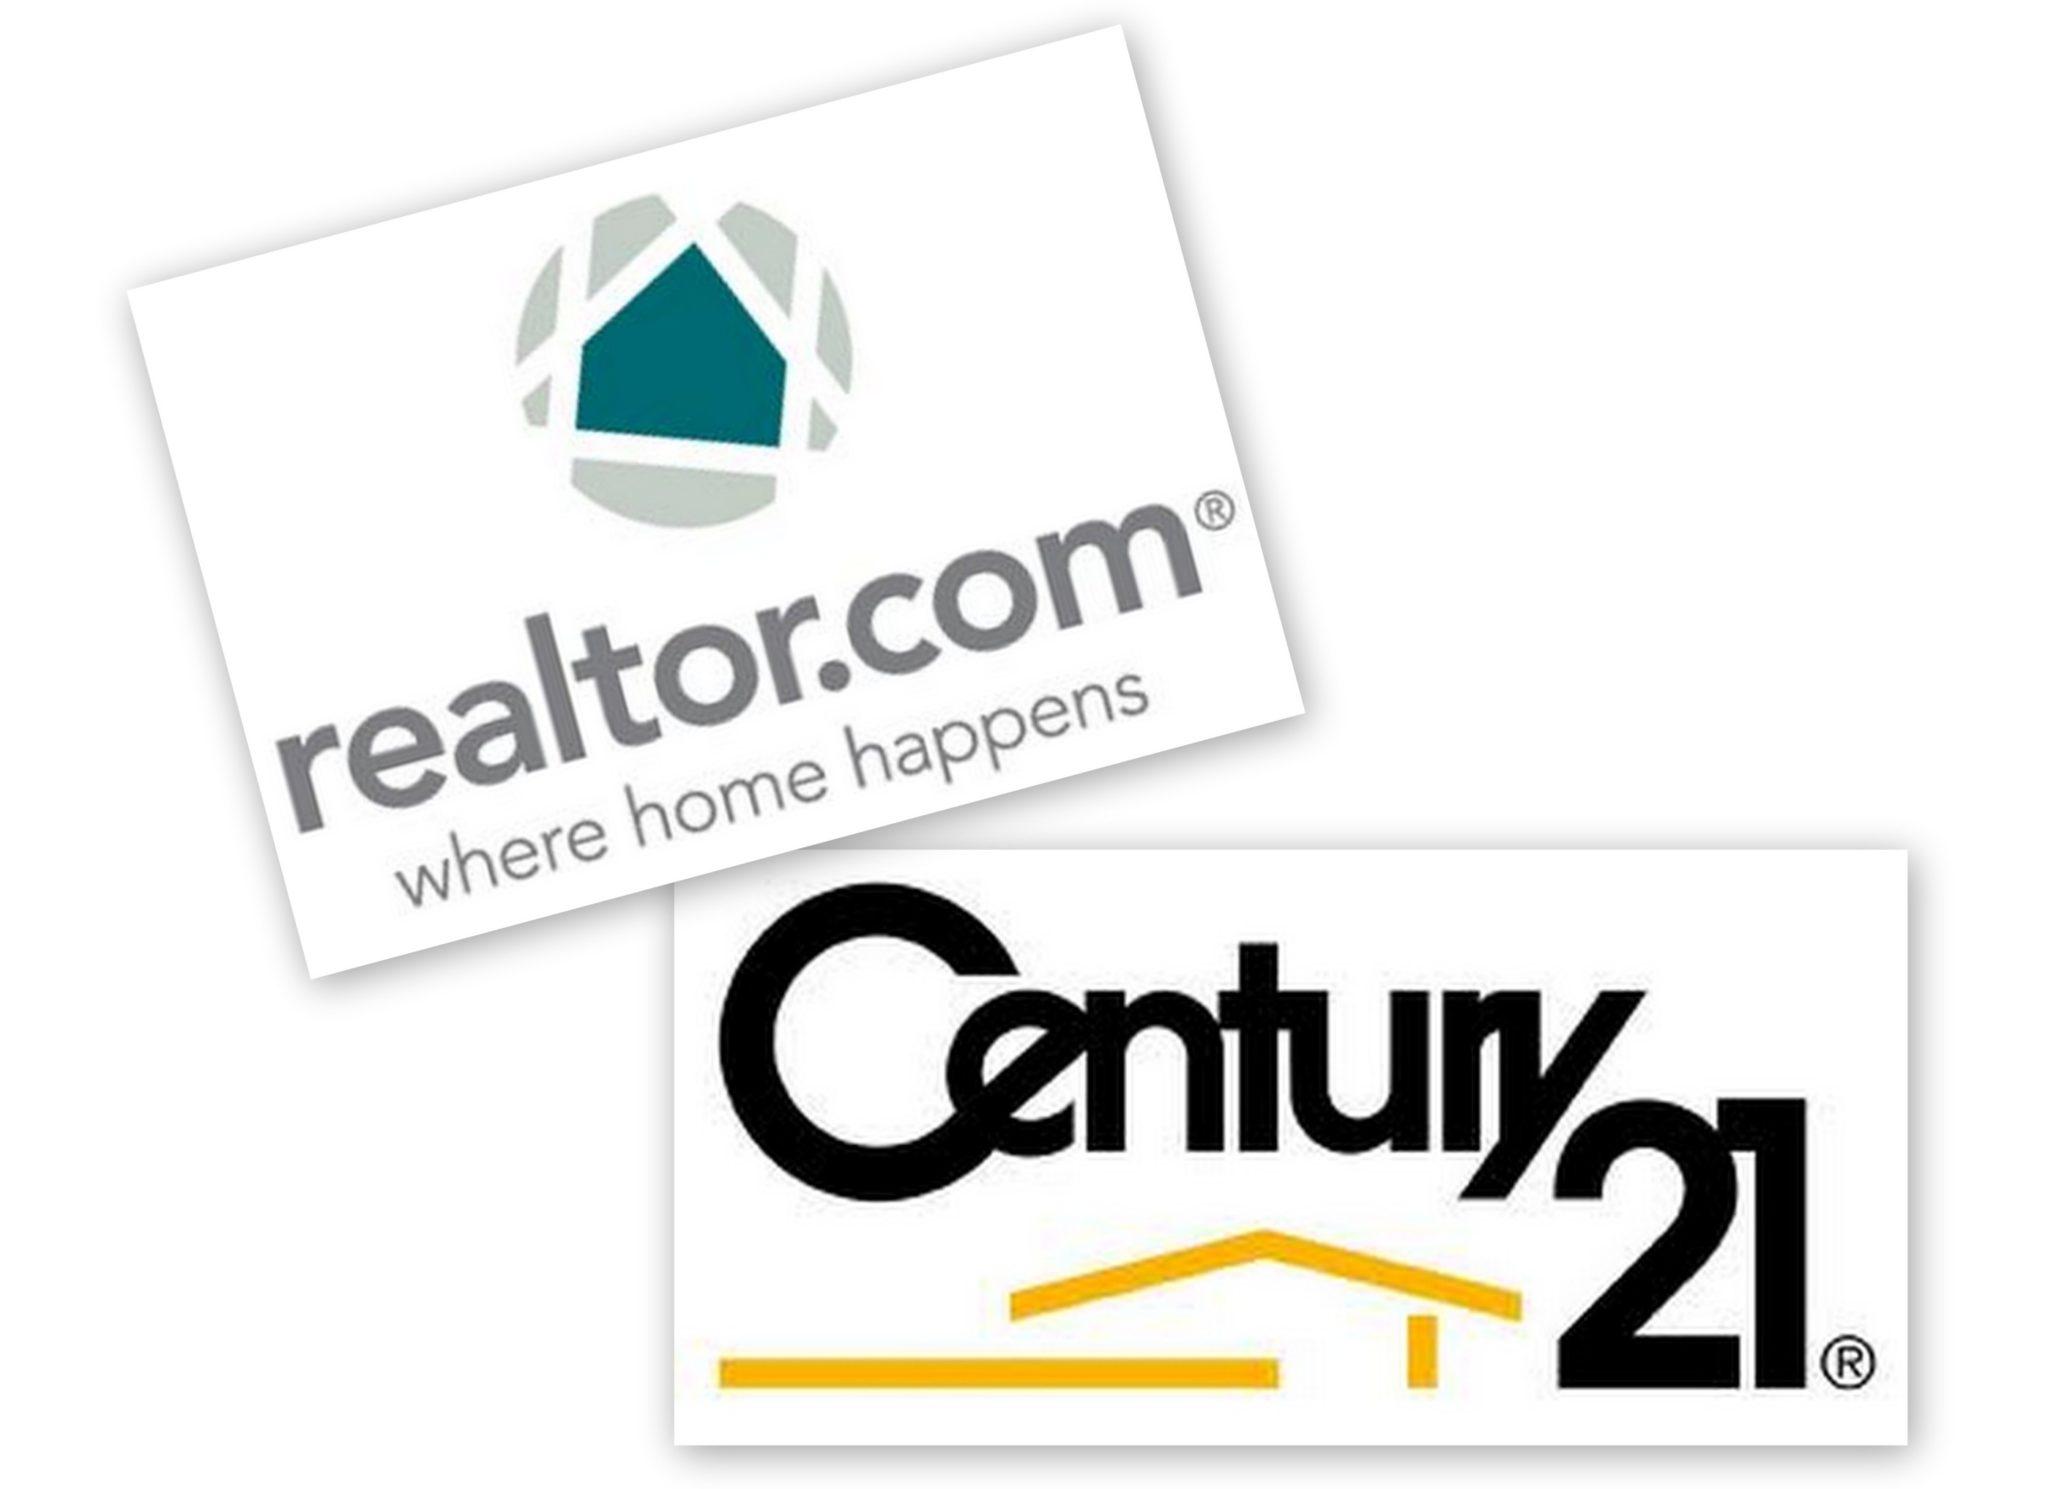 Century 21 re-ups with realtor.com